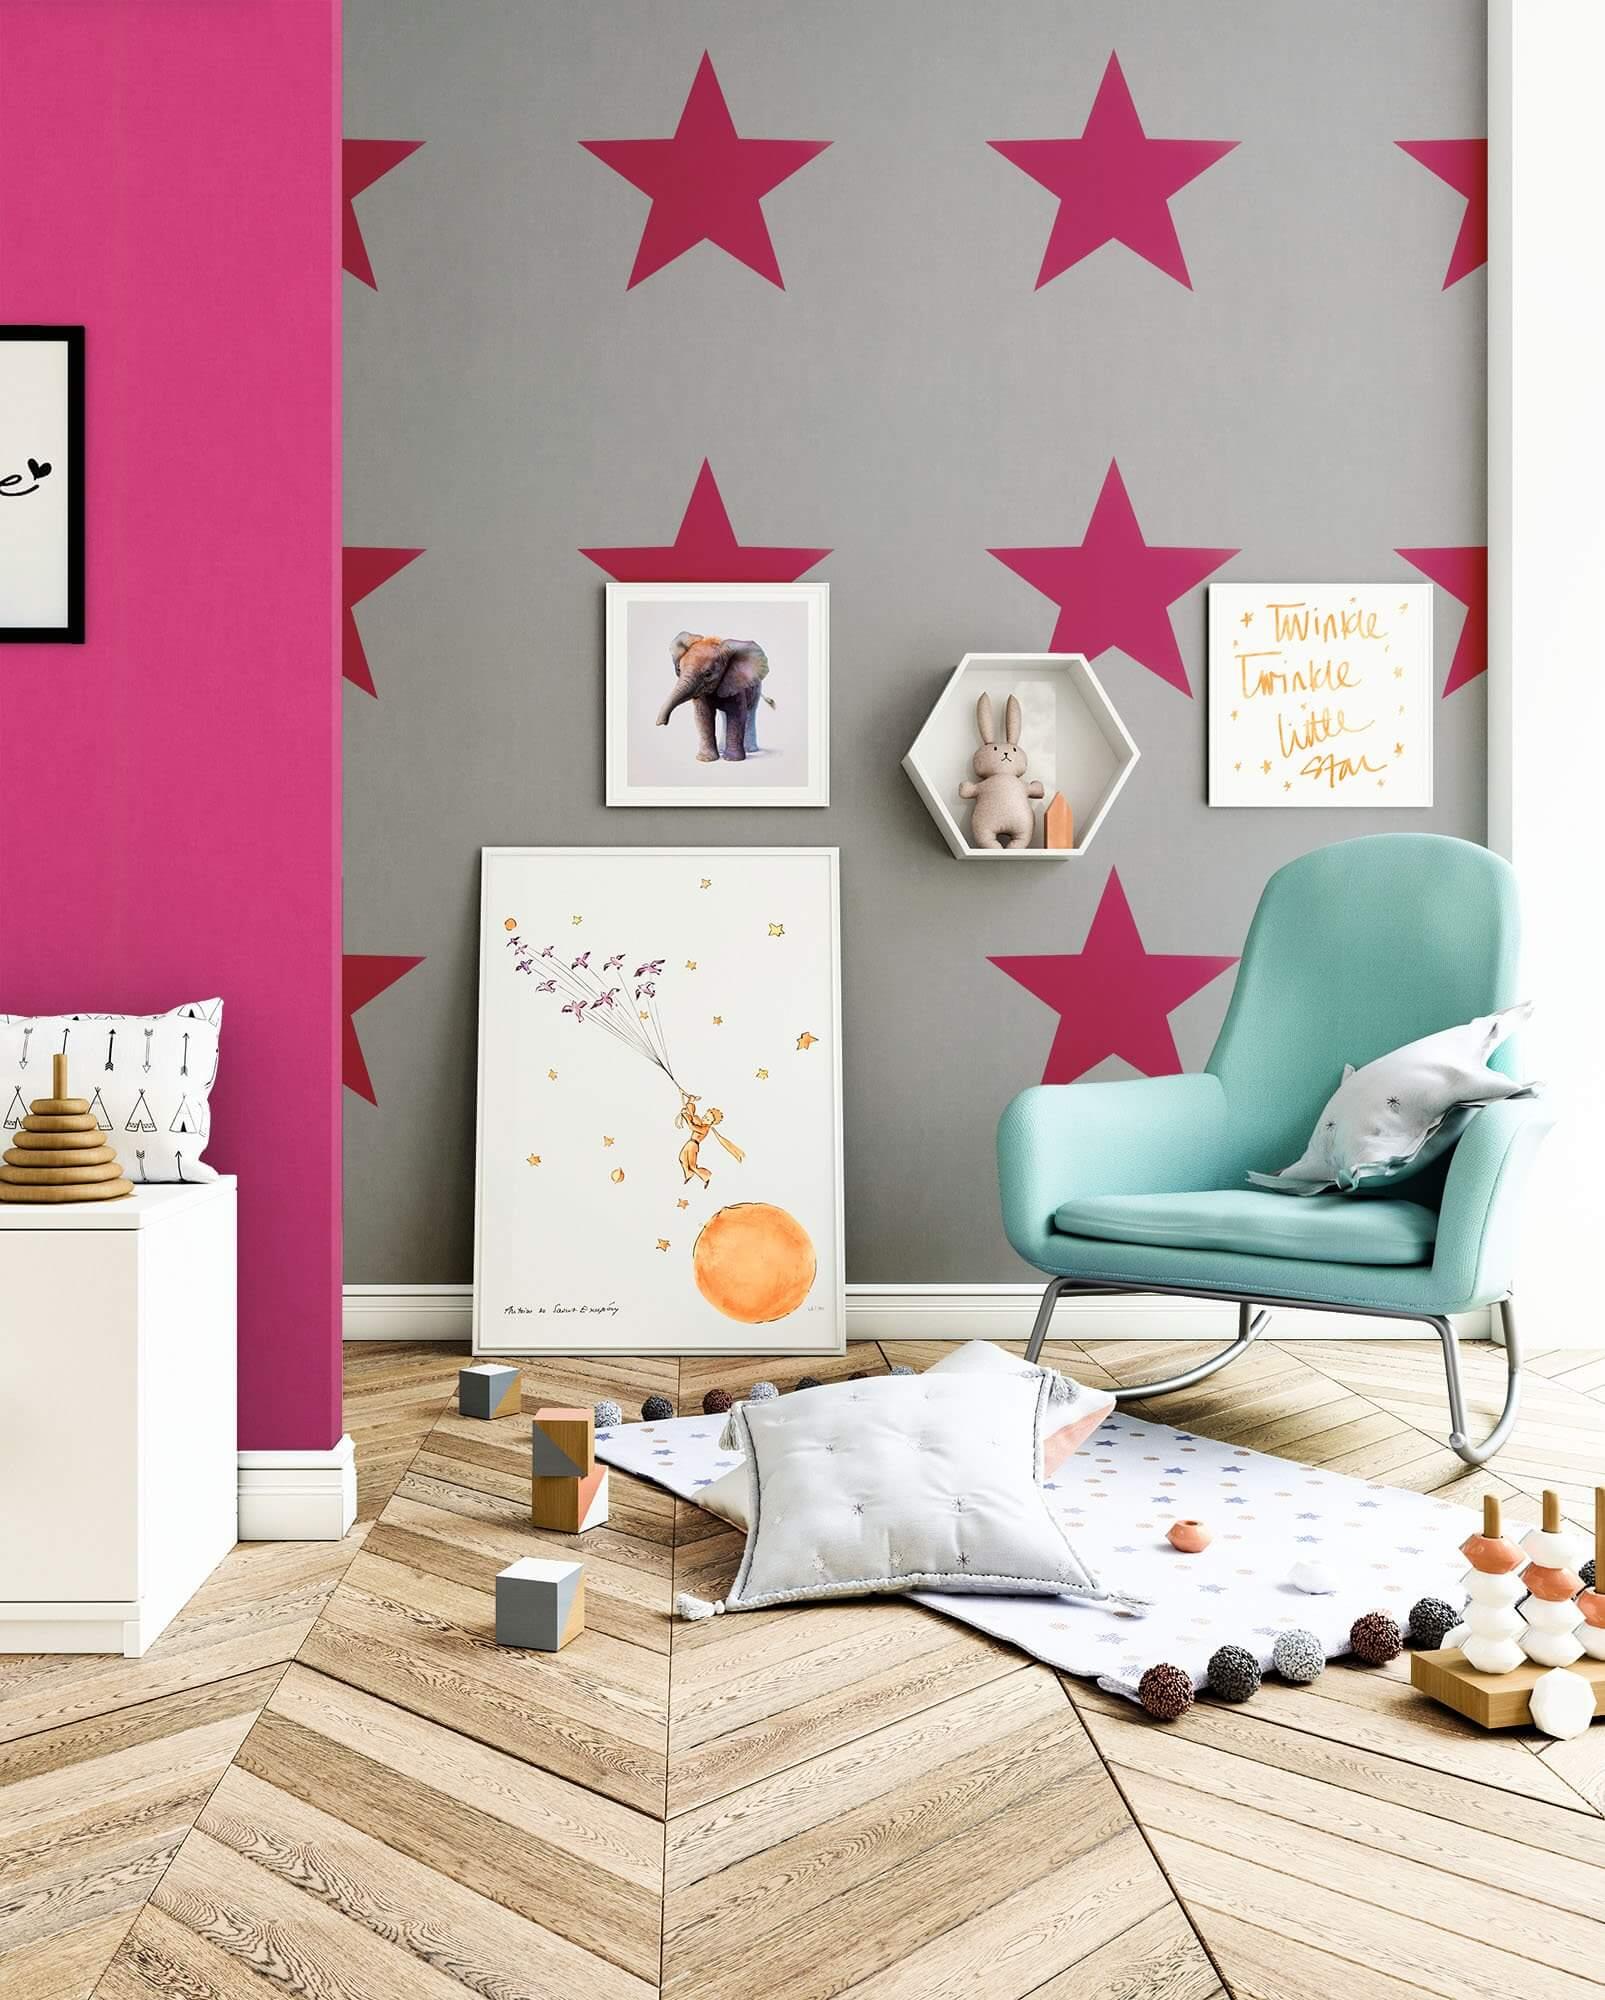 Papiertapete - Grau - Kinder - - Sterne - Wohnen Kinder - newroom